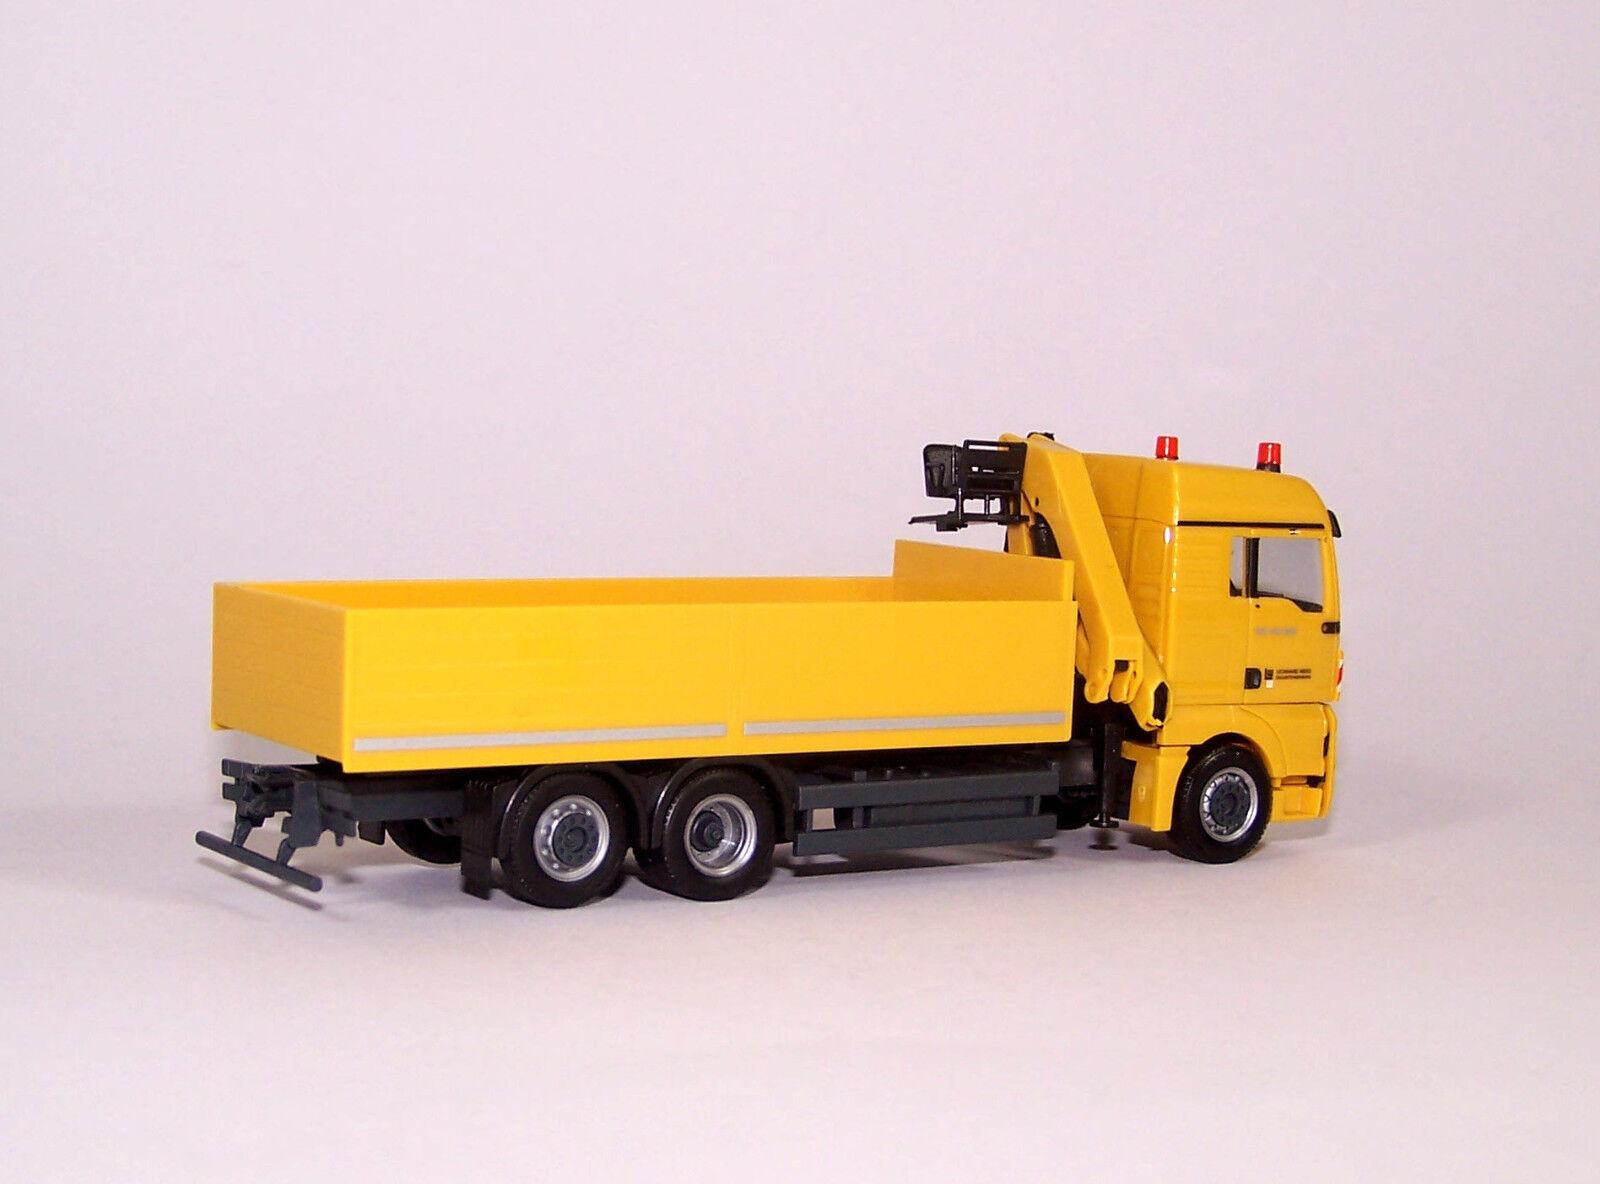 Herpa 933605 933605 933605 MAN TGX XlX euro 5 tablillas-camión con grúa  Leonard Weiss  - 1 87 49b3e0